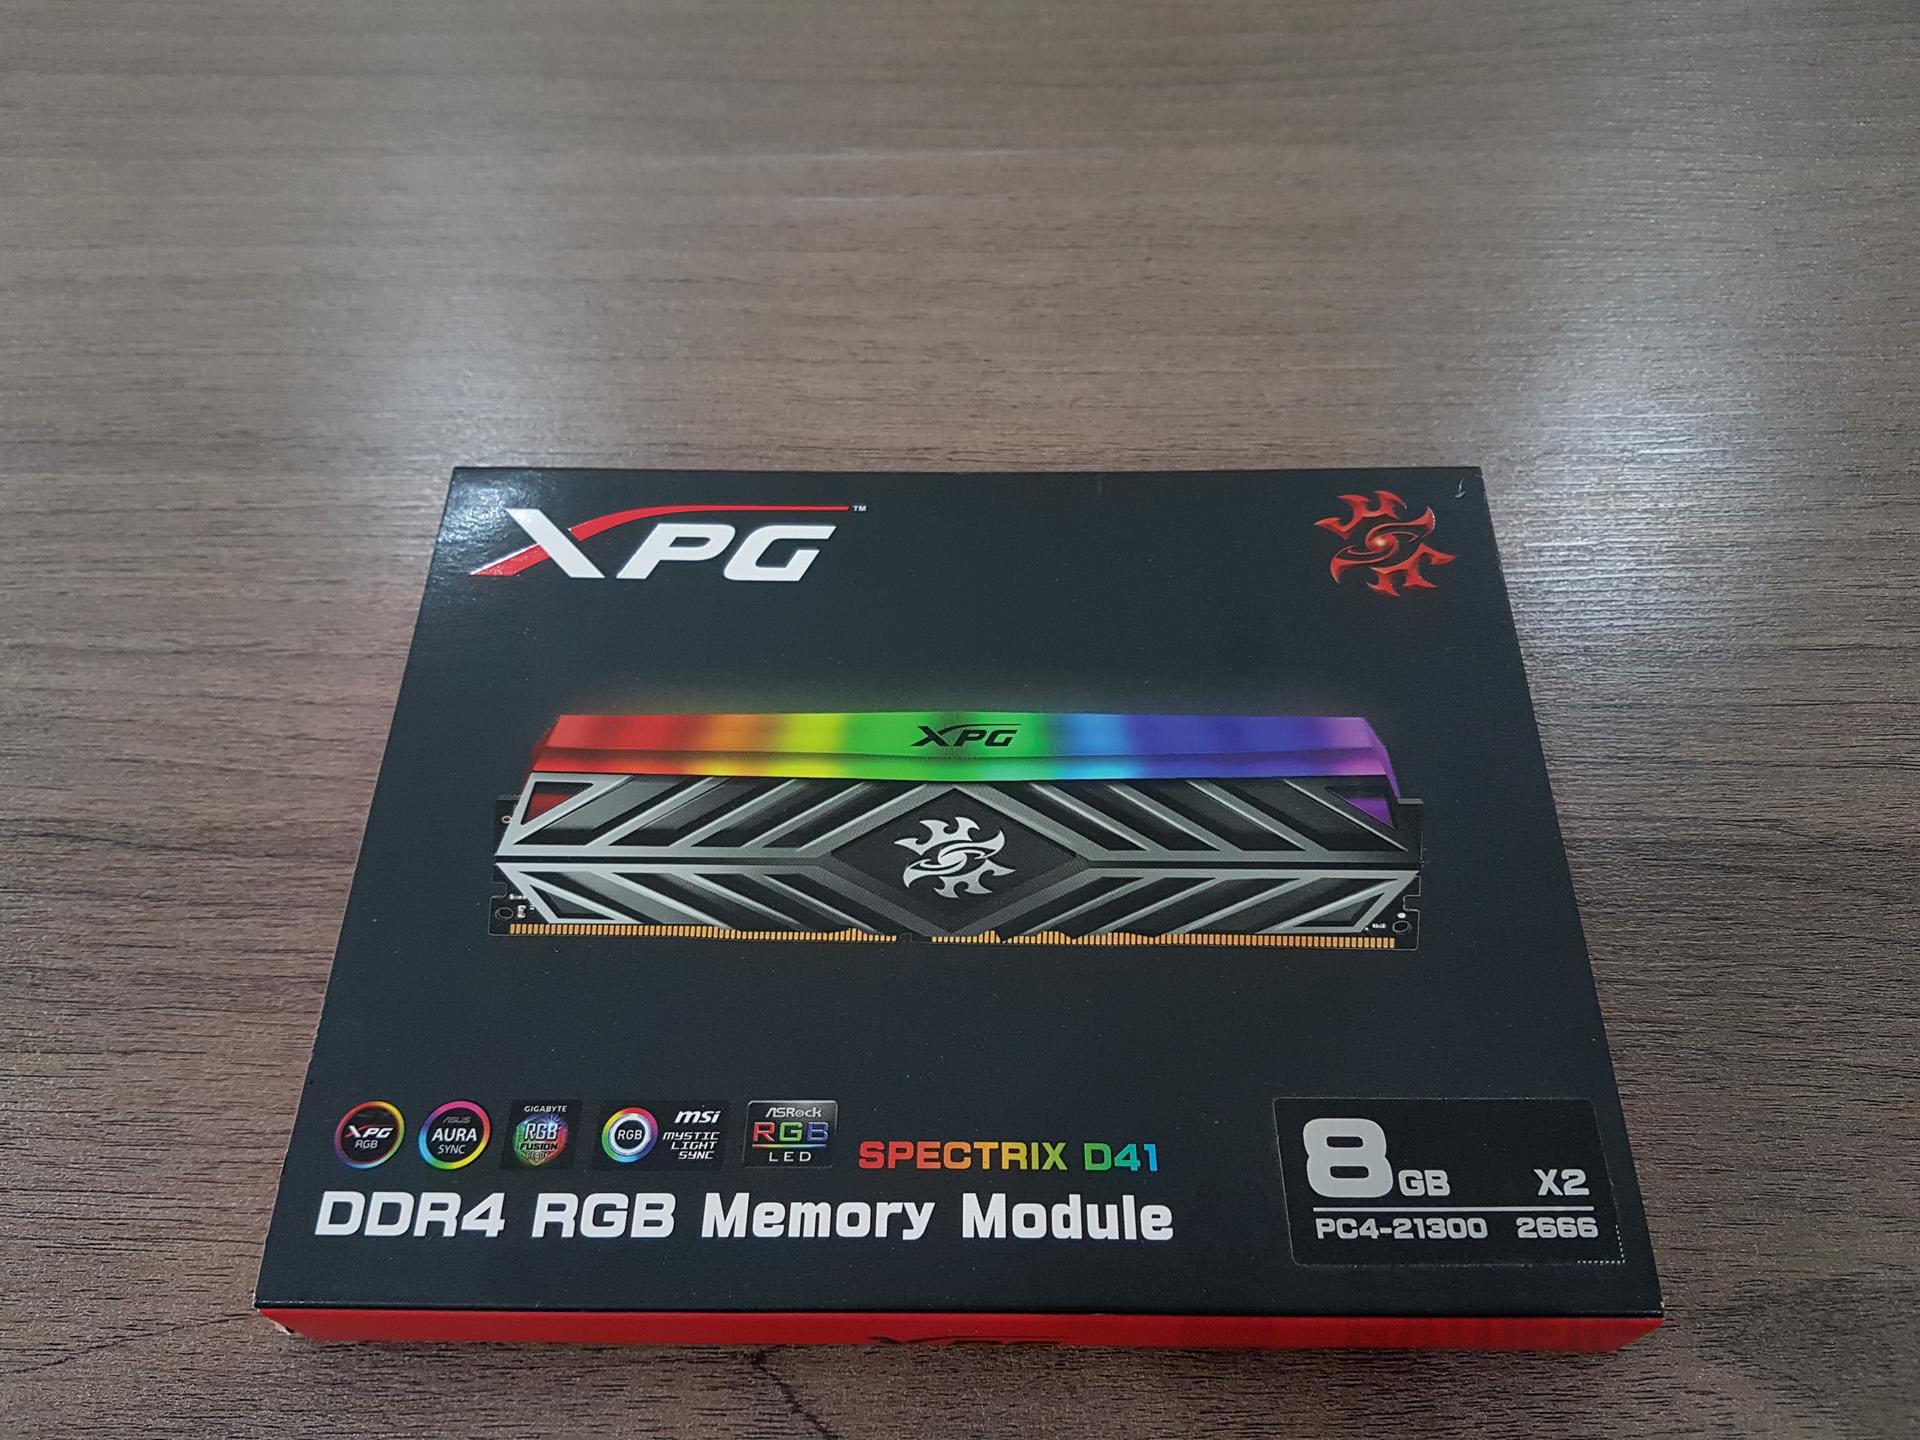 ADATA XPG SPECTRIX D41 16GB DDR4 RGB RAM Kit Review